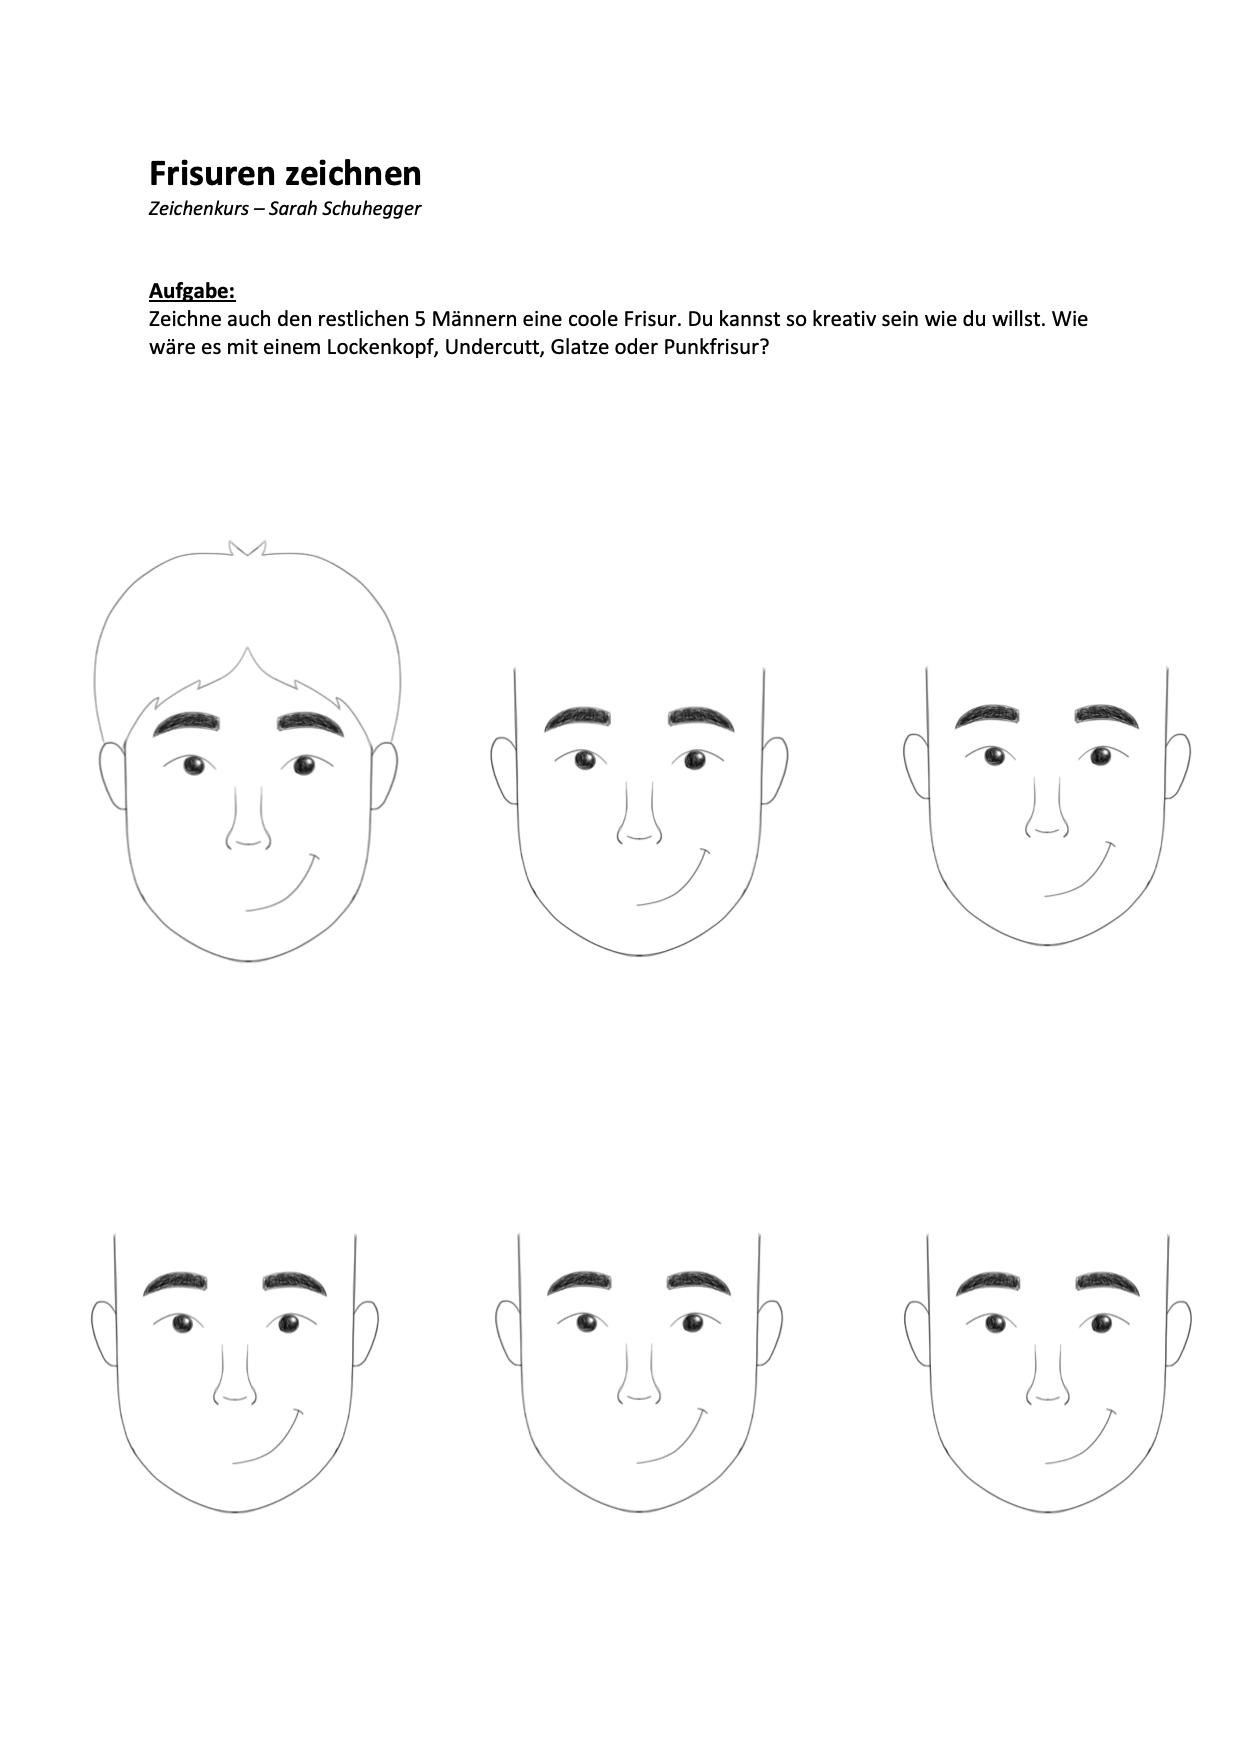 Frisuren Männer zeichnen